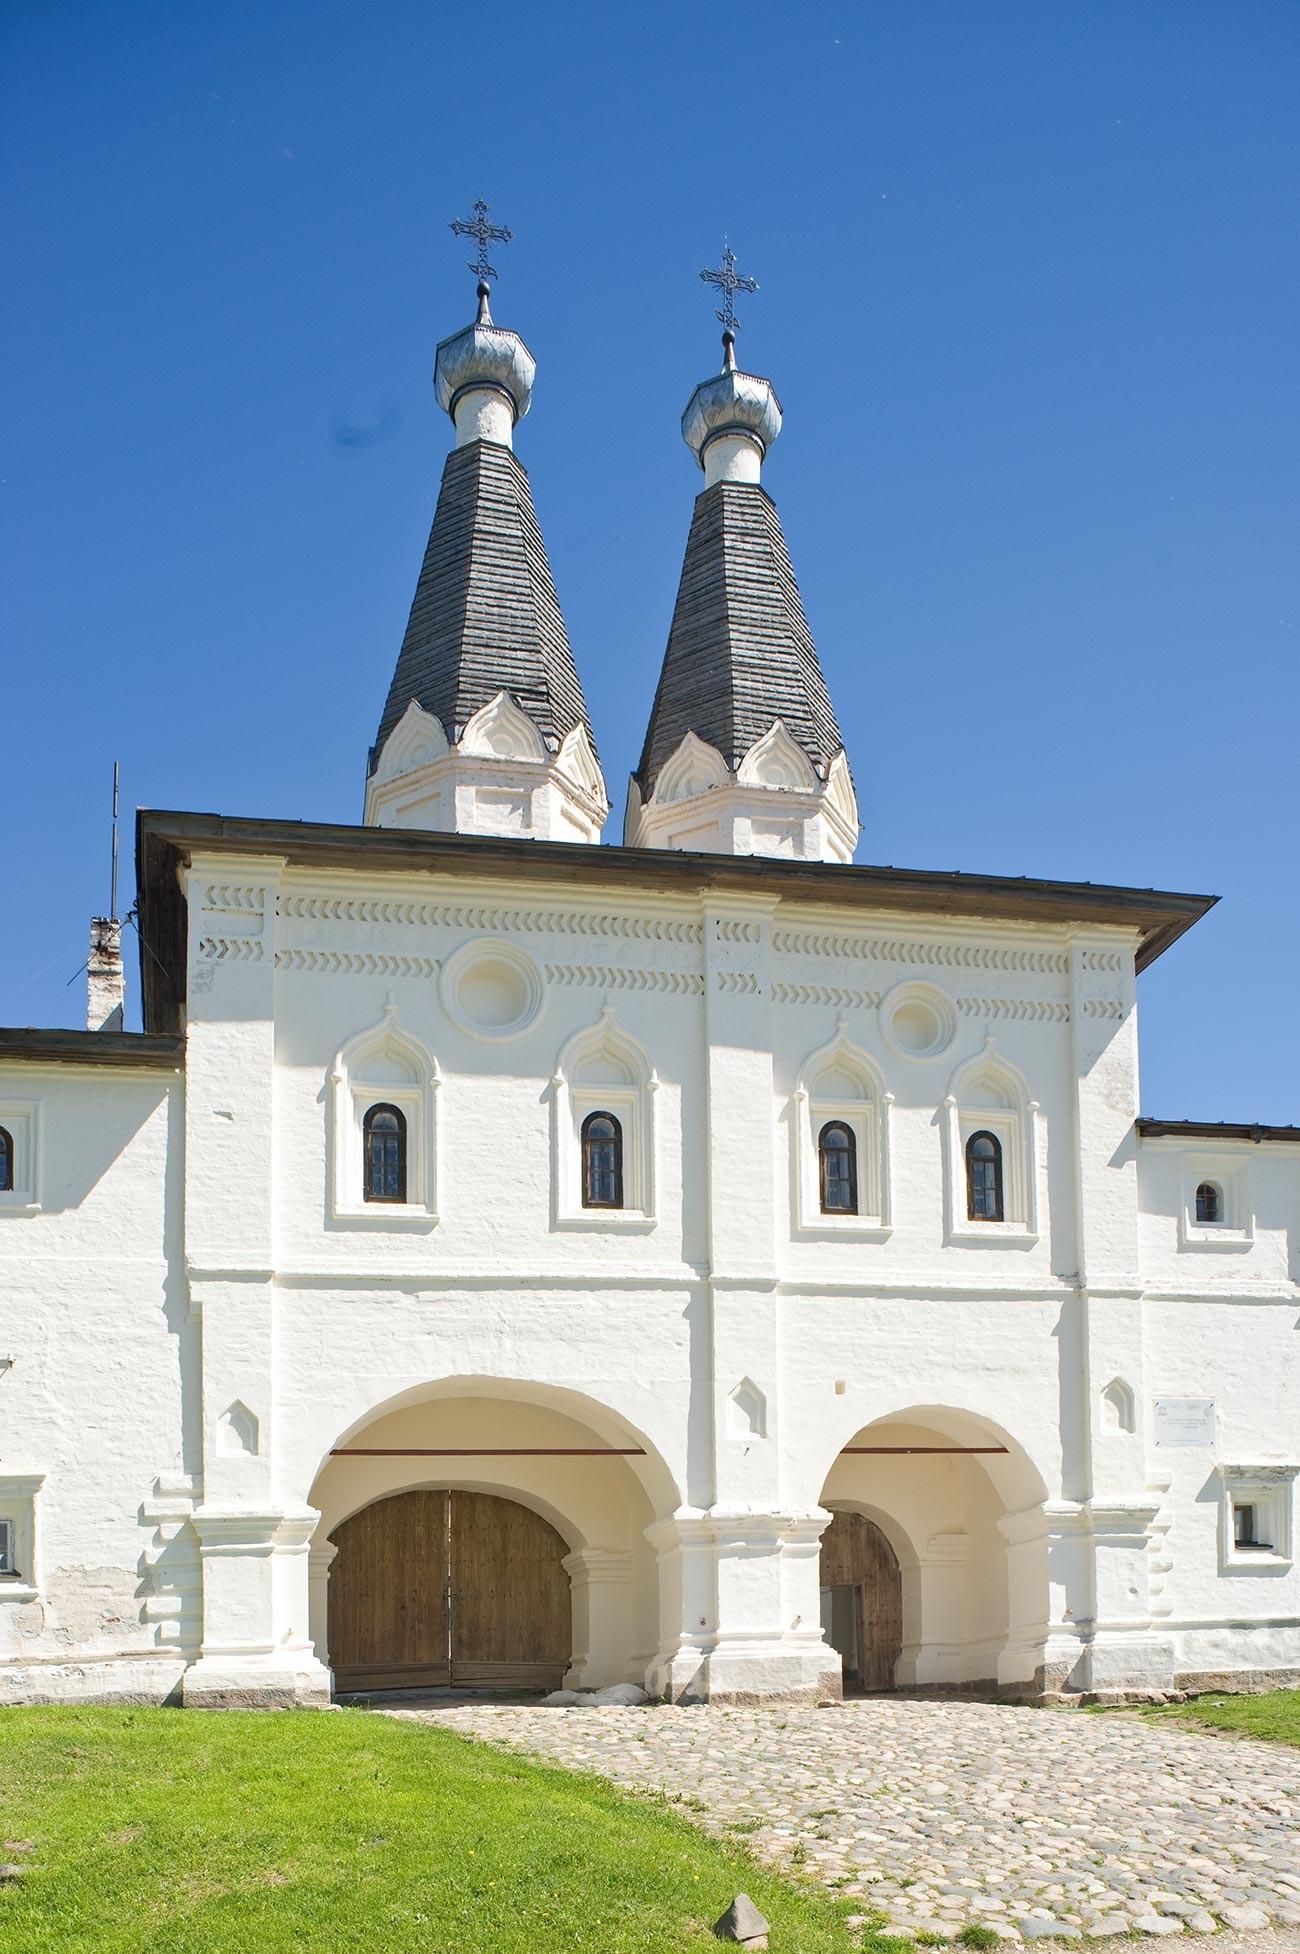 Ferapontov samostan. Sveta vrata s cerkvami Gospodovega razglašenja in sv. Feraponta. Pogled na zahod. 1. junij 2014